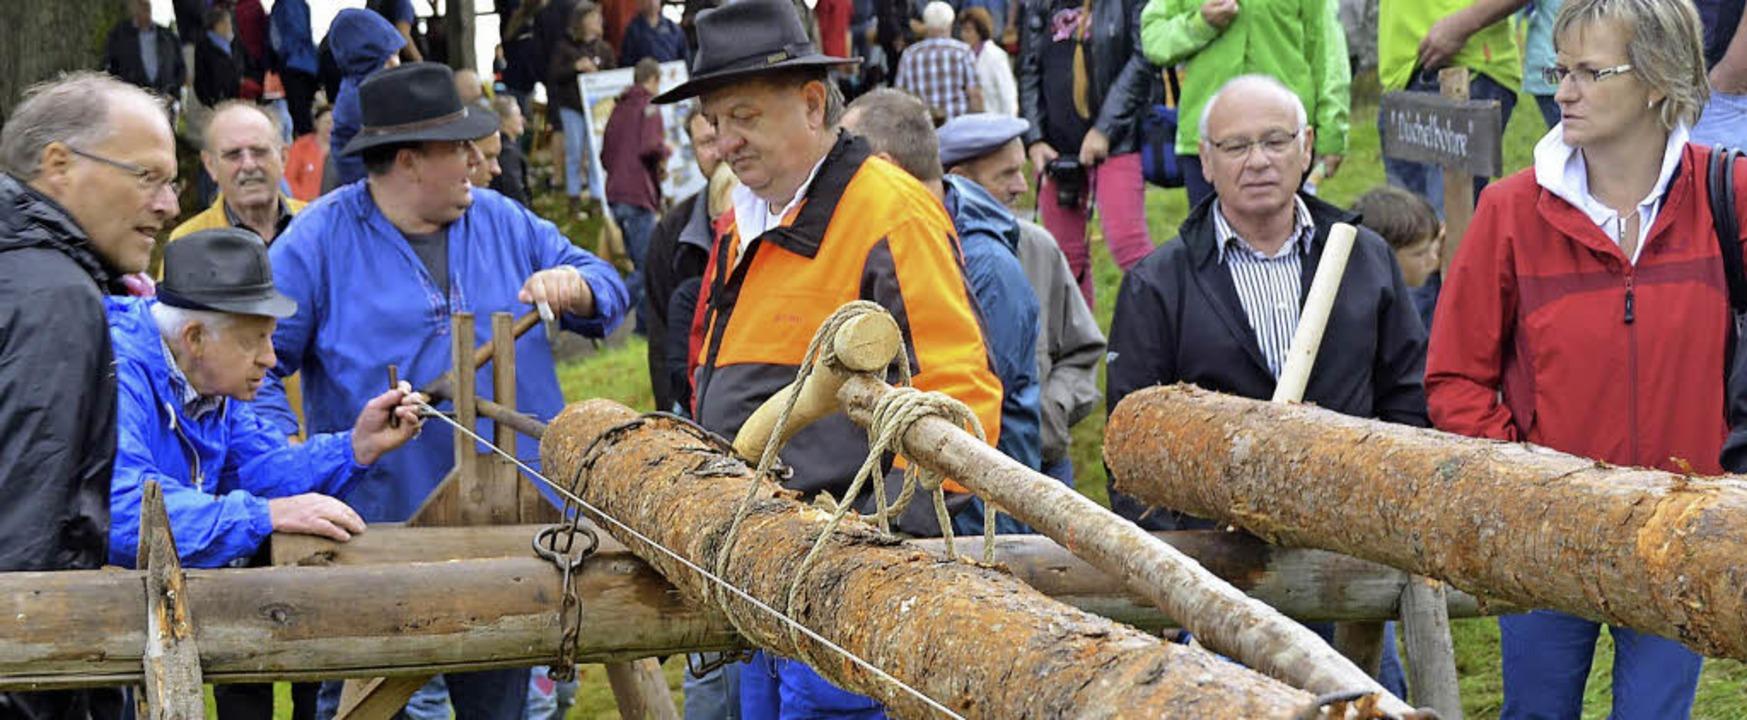 Männer bohren mit purer Muskelkraft Löcher in Holzstämme.  | Foto: Edgar Steinfelder